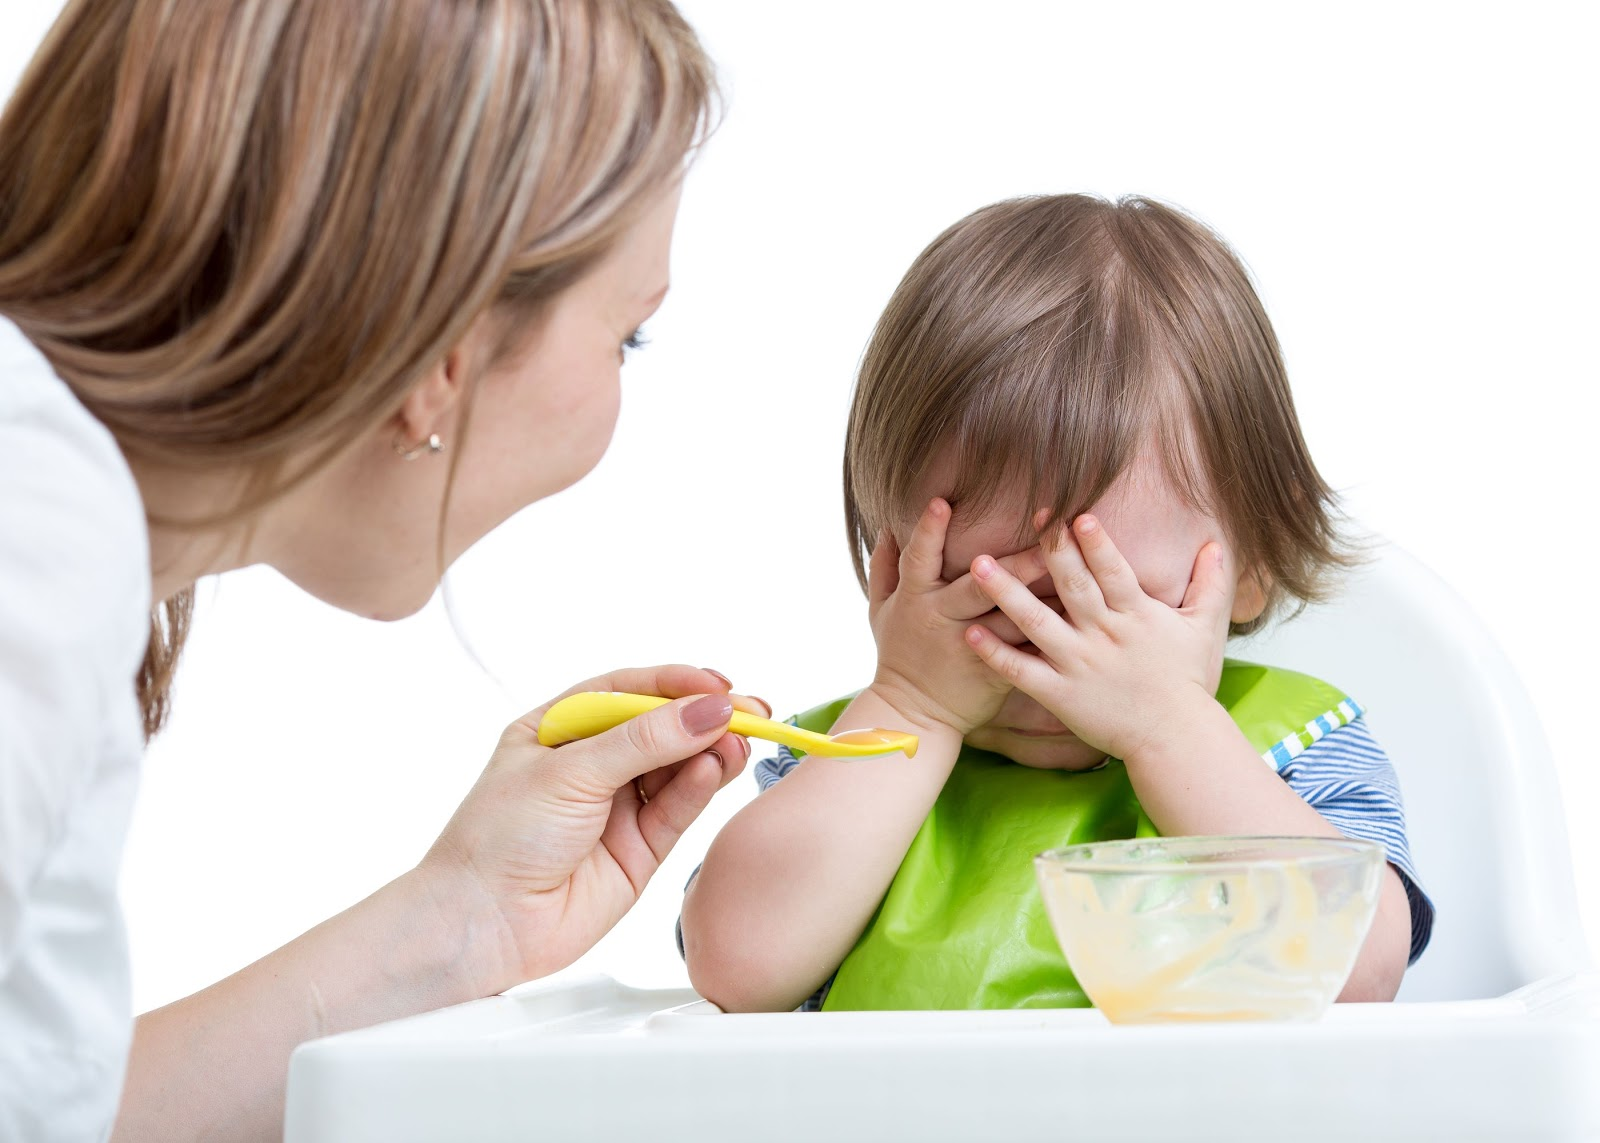 mẹo chọn sữa tốt cho hệ tiêu hóa bé